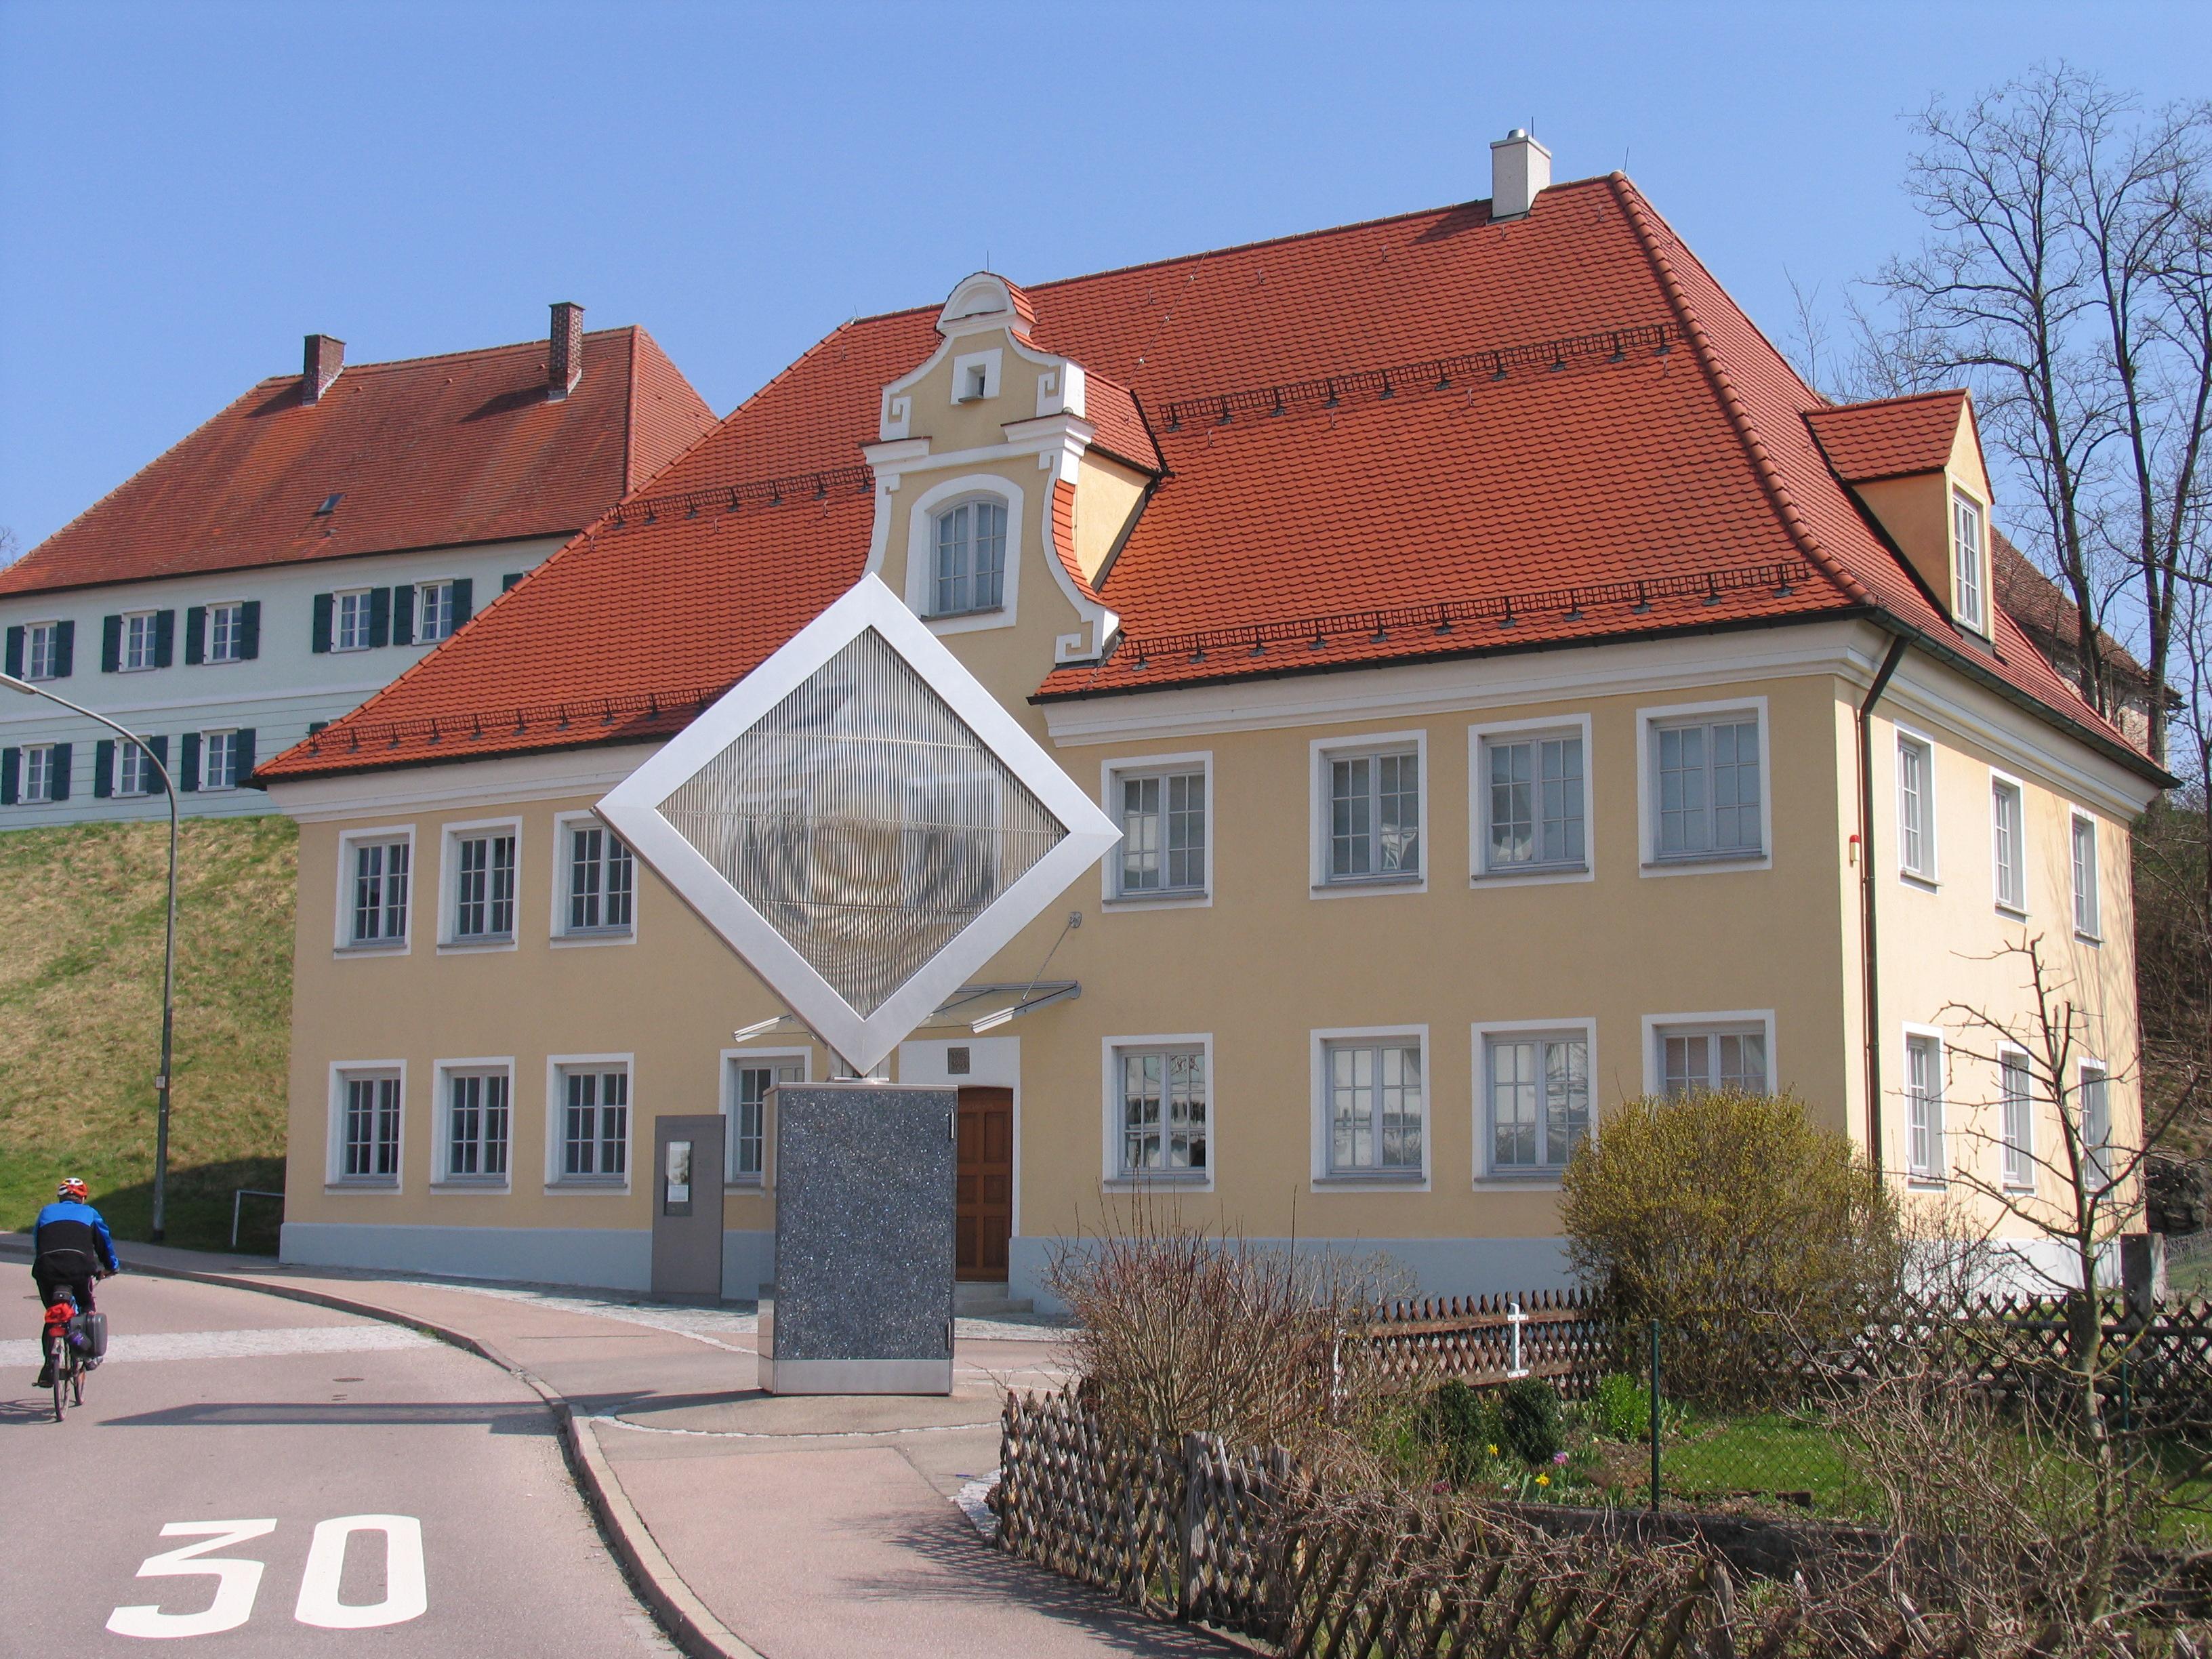 Museum für bildende Kunst im Landkreis Neu-Ulm Nersingen-Oberfahlheim